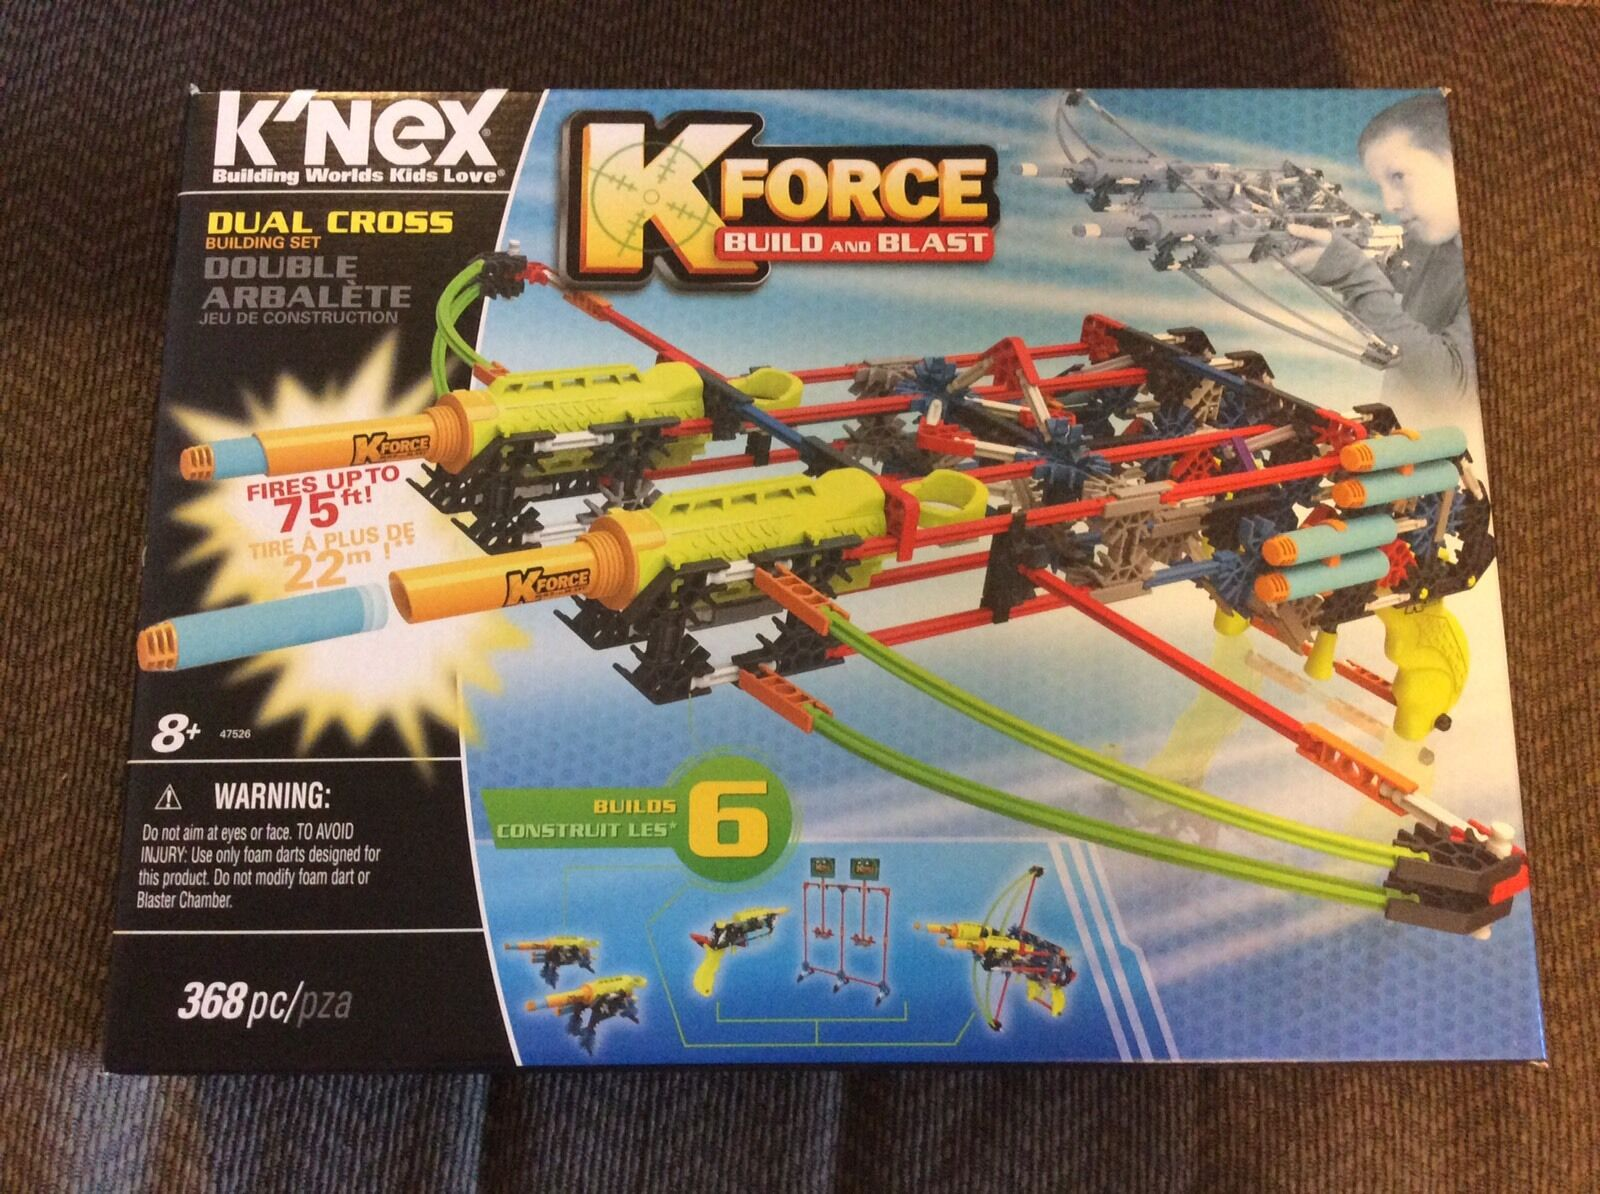 K'NEX K-FORCE Build Build Build & Blast KNEX Dual Cross-bow Building Set 368 Pieces ages 8+ 0110d9